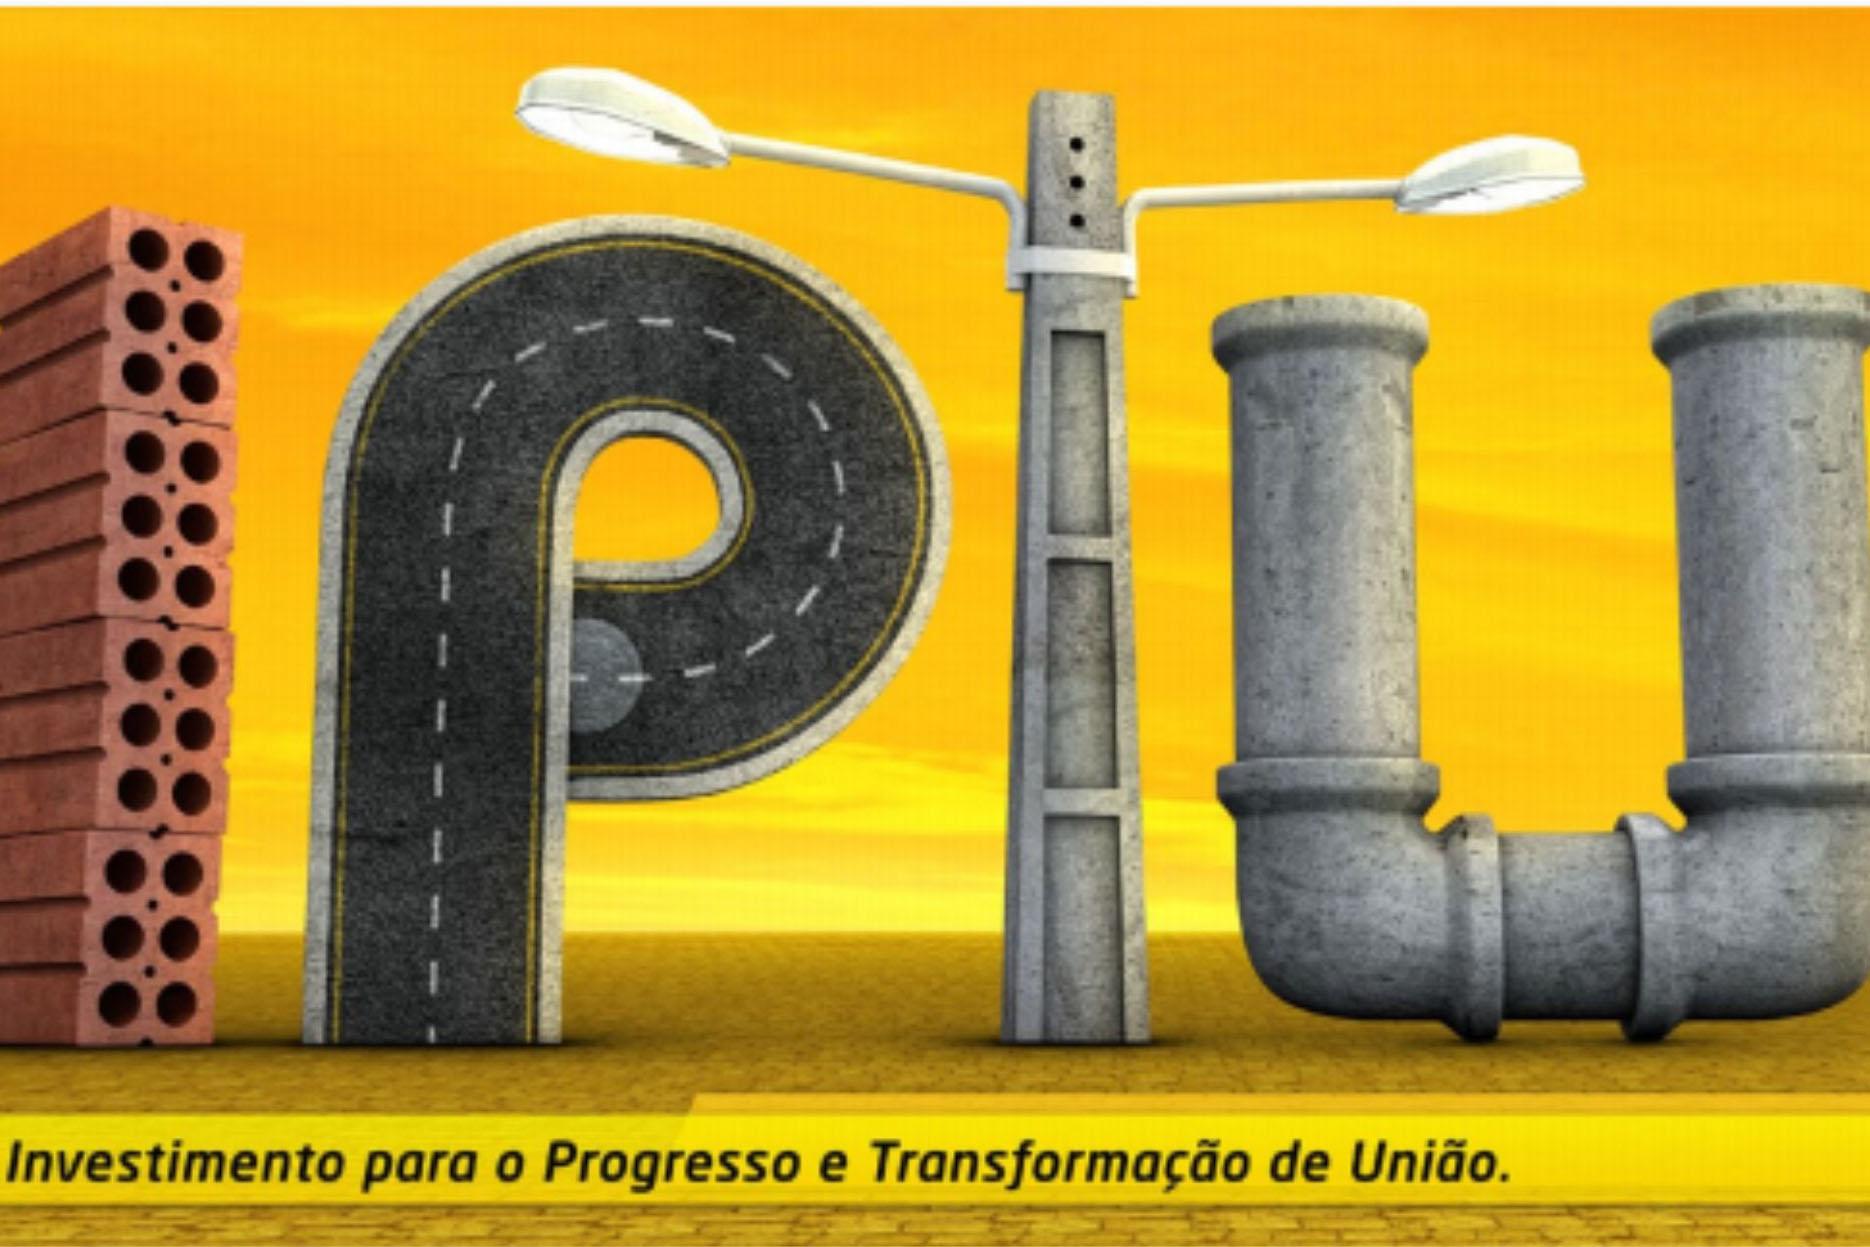 IPTU – Prefeitura de São Paulo consulte aqui!